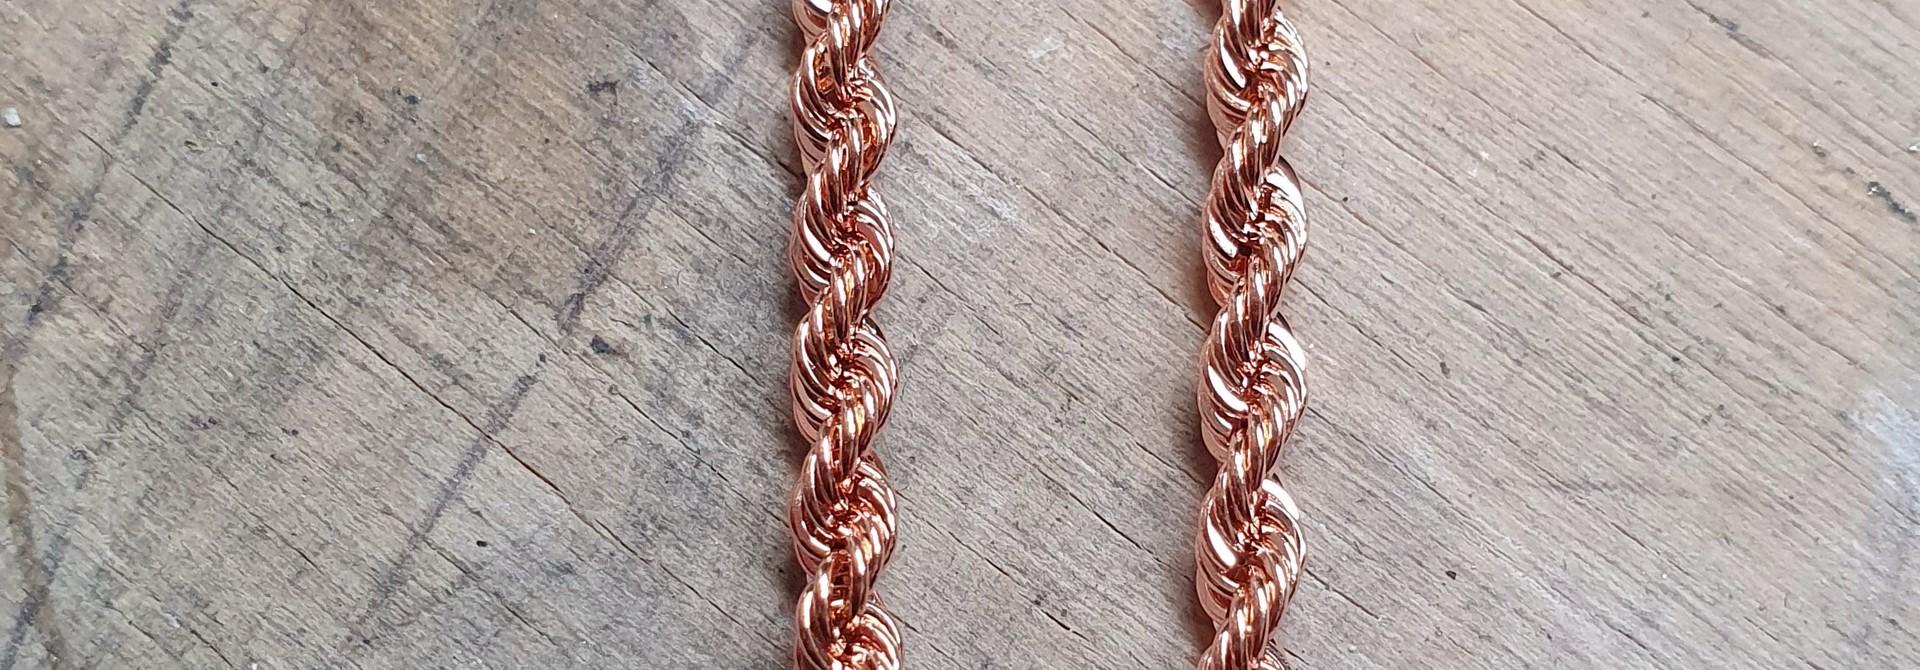 Rope chain roségoud 18kt 2.5mm